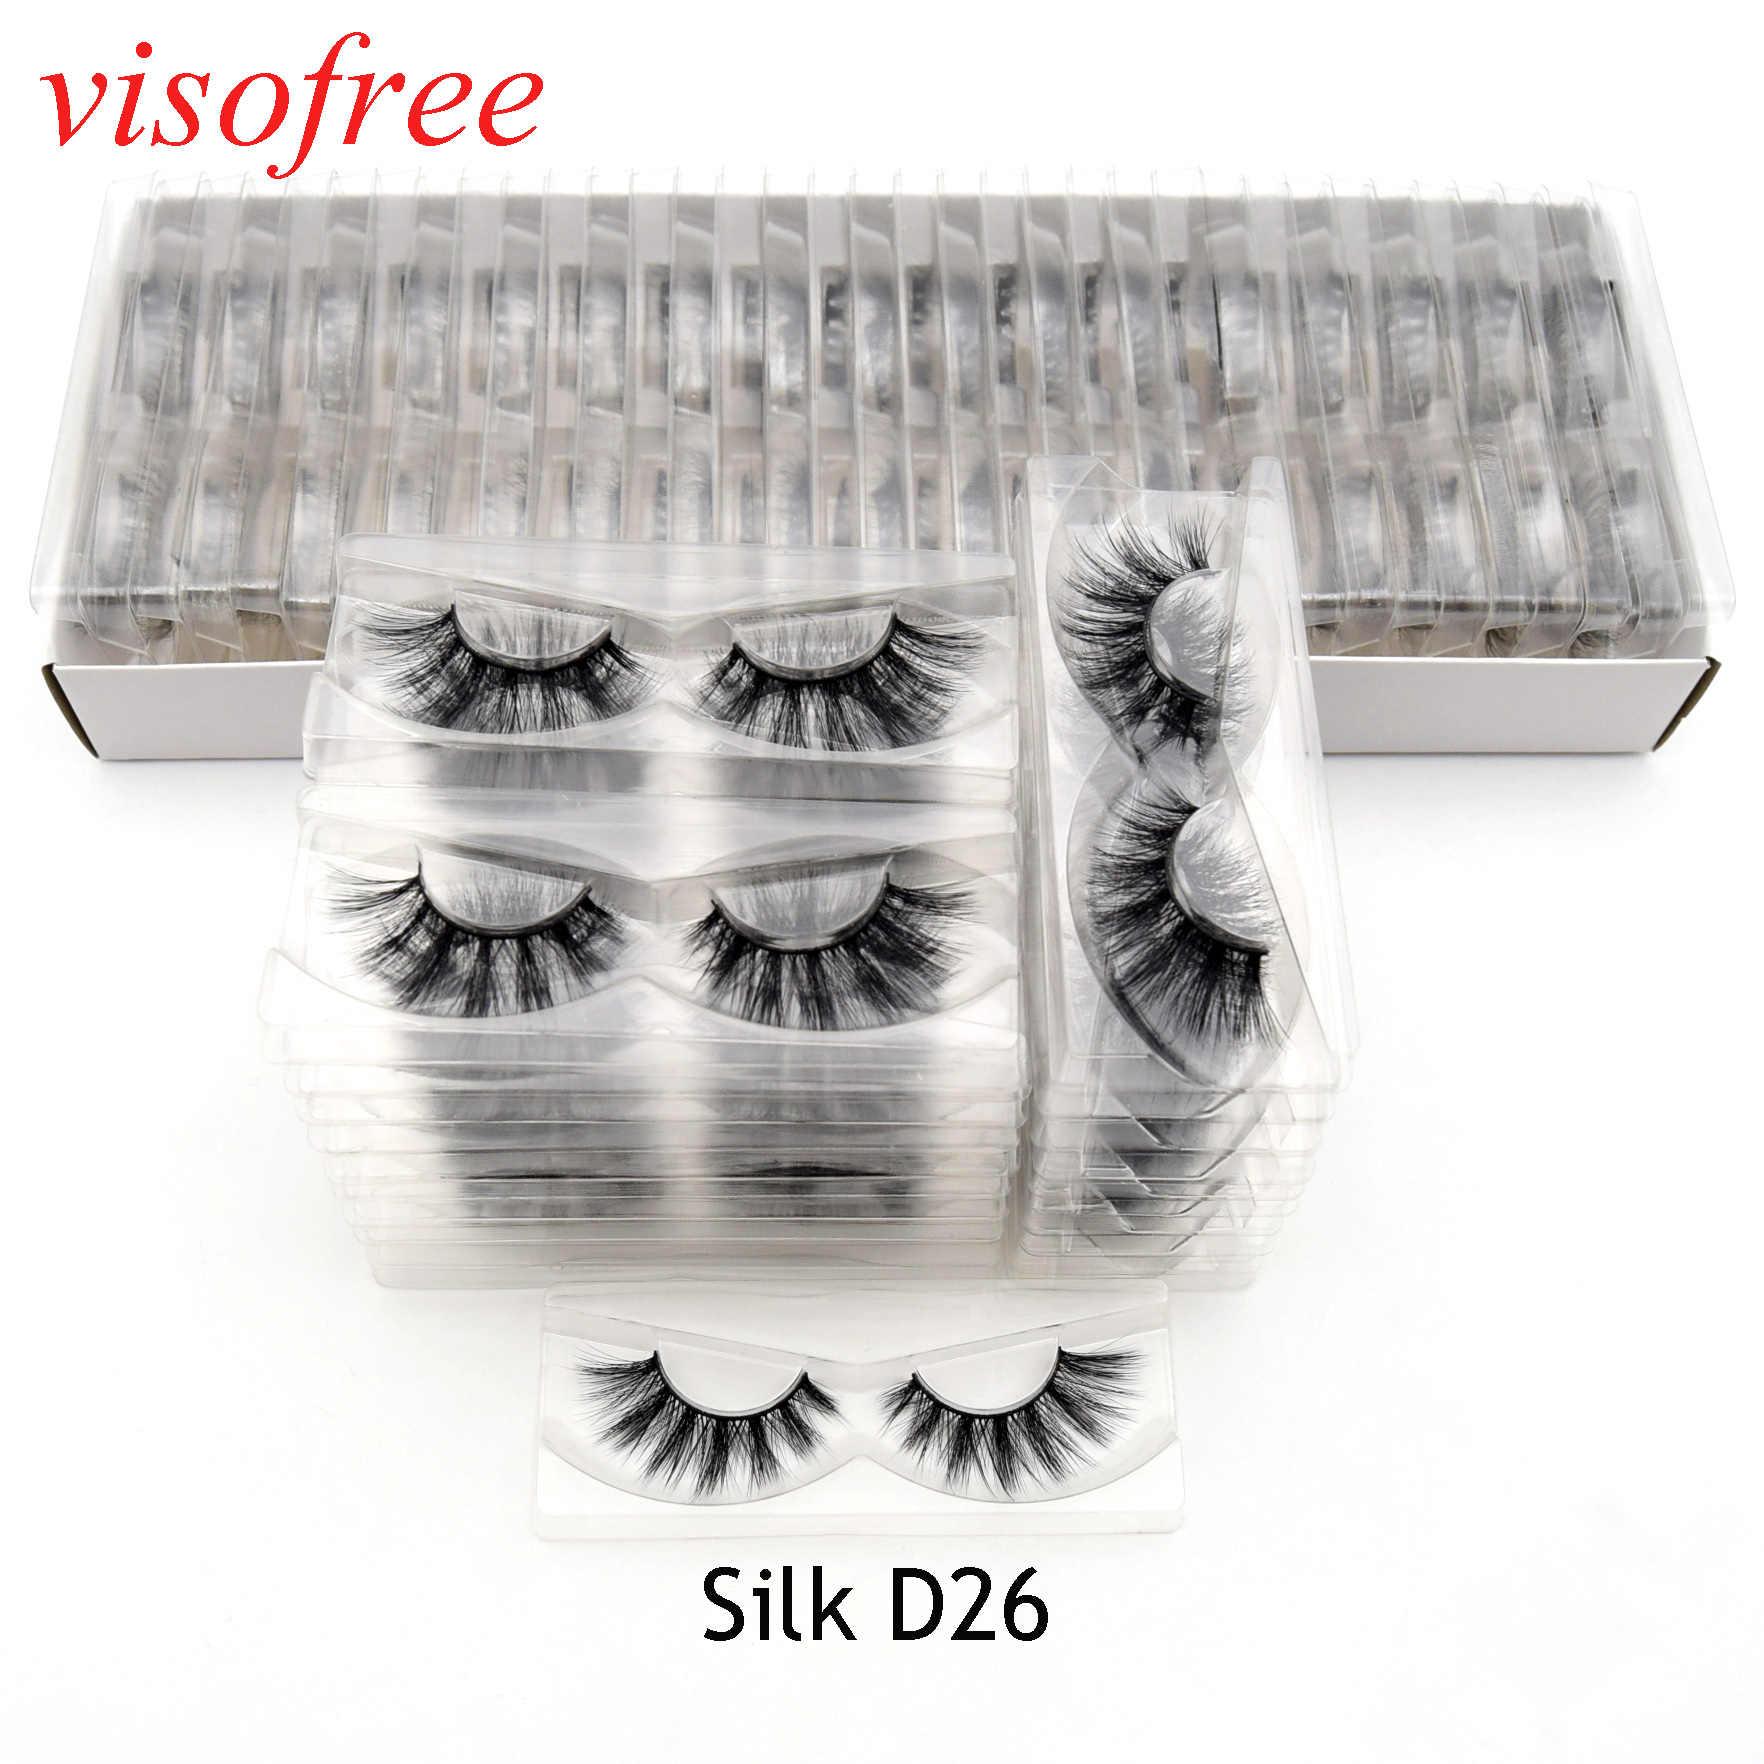 Visofree 30 пар/лот 3D Искусственные Шелковые ресницы крылатые шелковые ресницы бескровные многоразовые ресницы для глаз Высокое качество Silk-D26